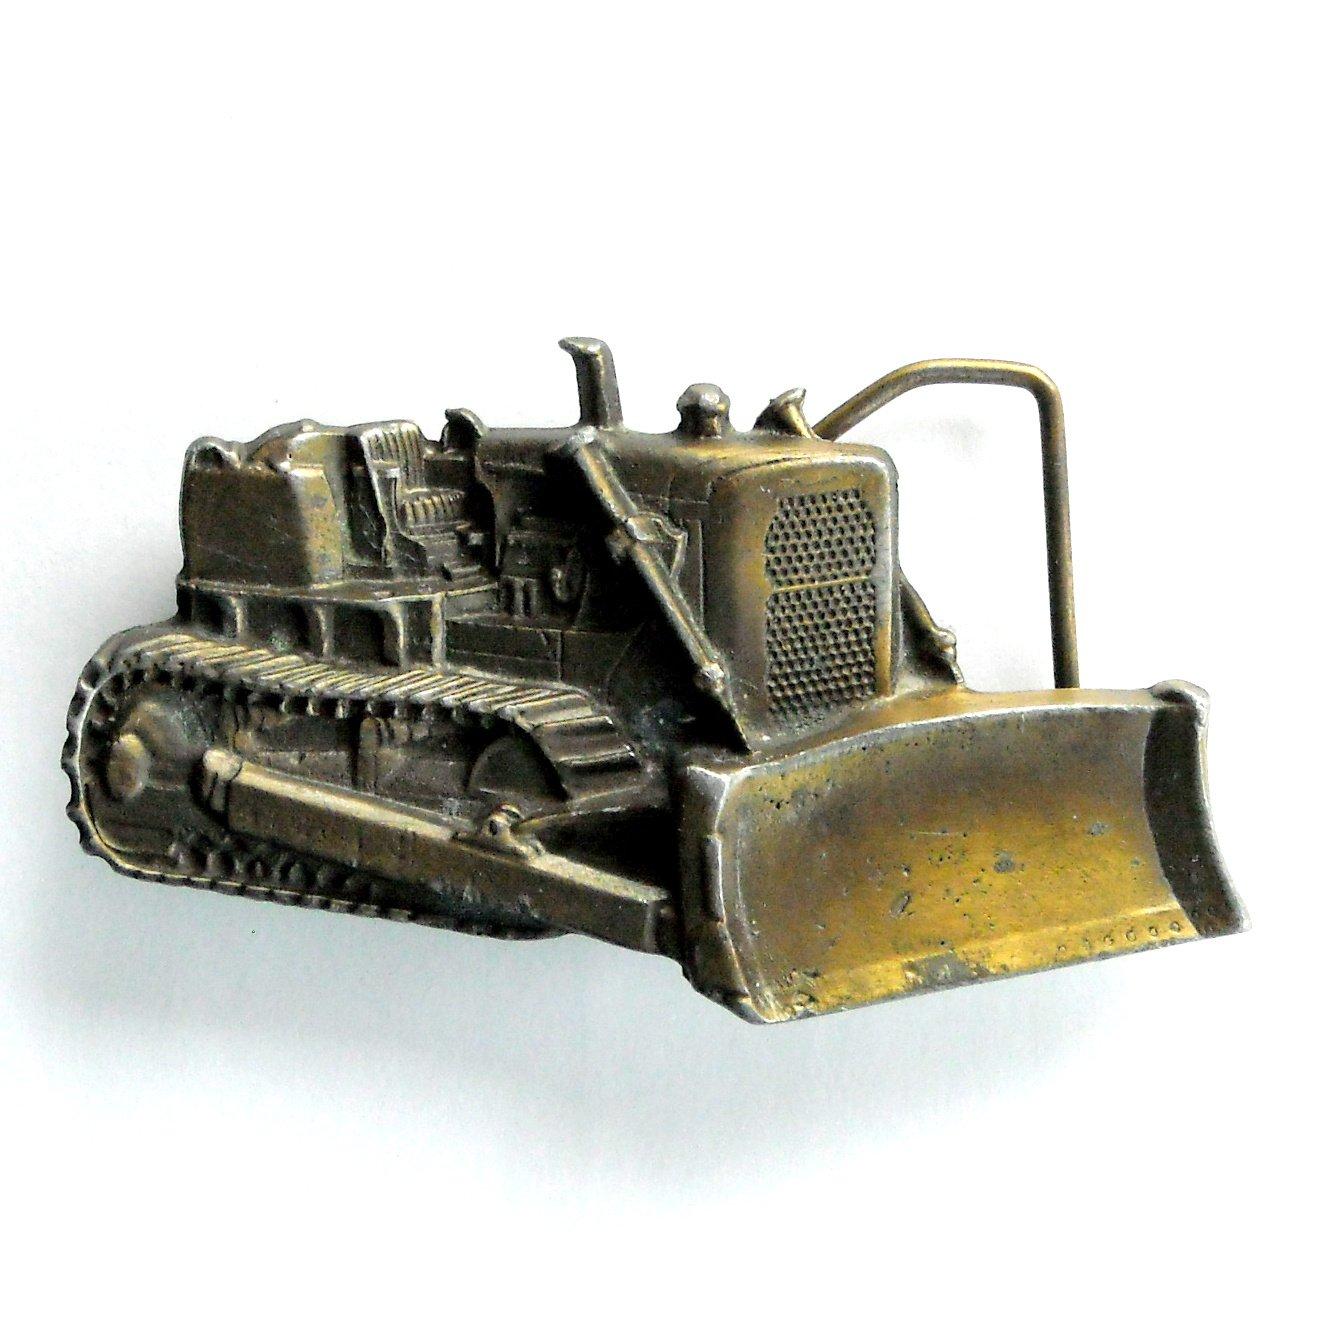 Caterpillar D6 Dozer Bulldozer 3D Bergamot Brass 1978 belt buckle